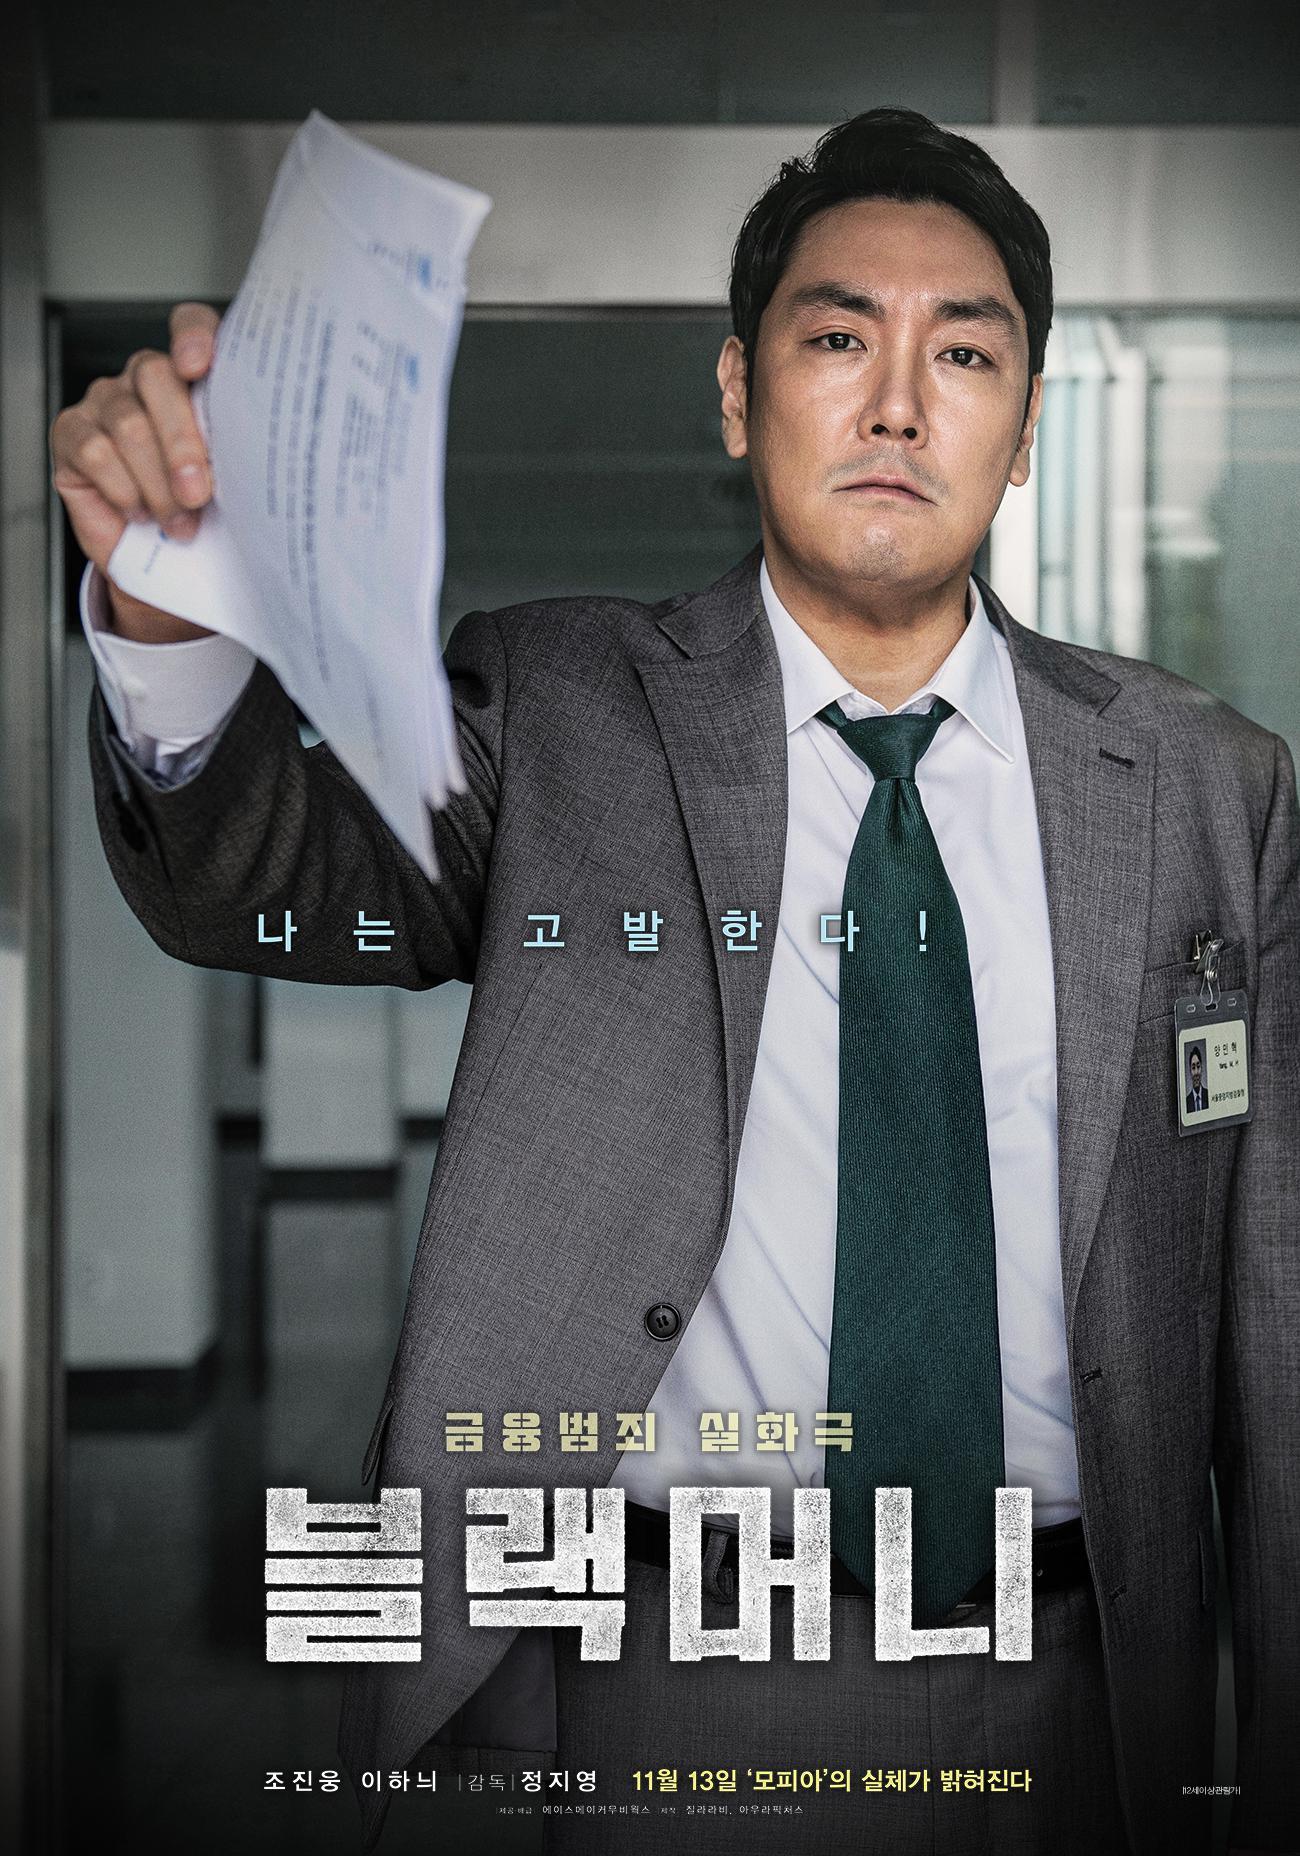 《冰雪奇缘2》太猛?韩国导演联合抗议院线垄断导致不公平,让观众无选择!插图2